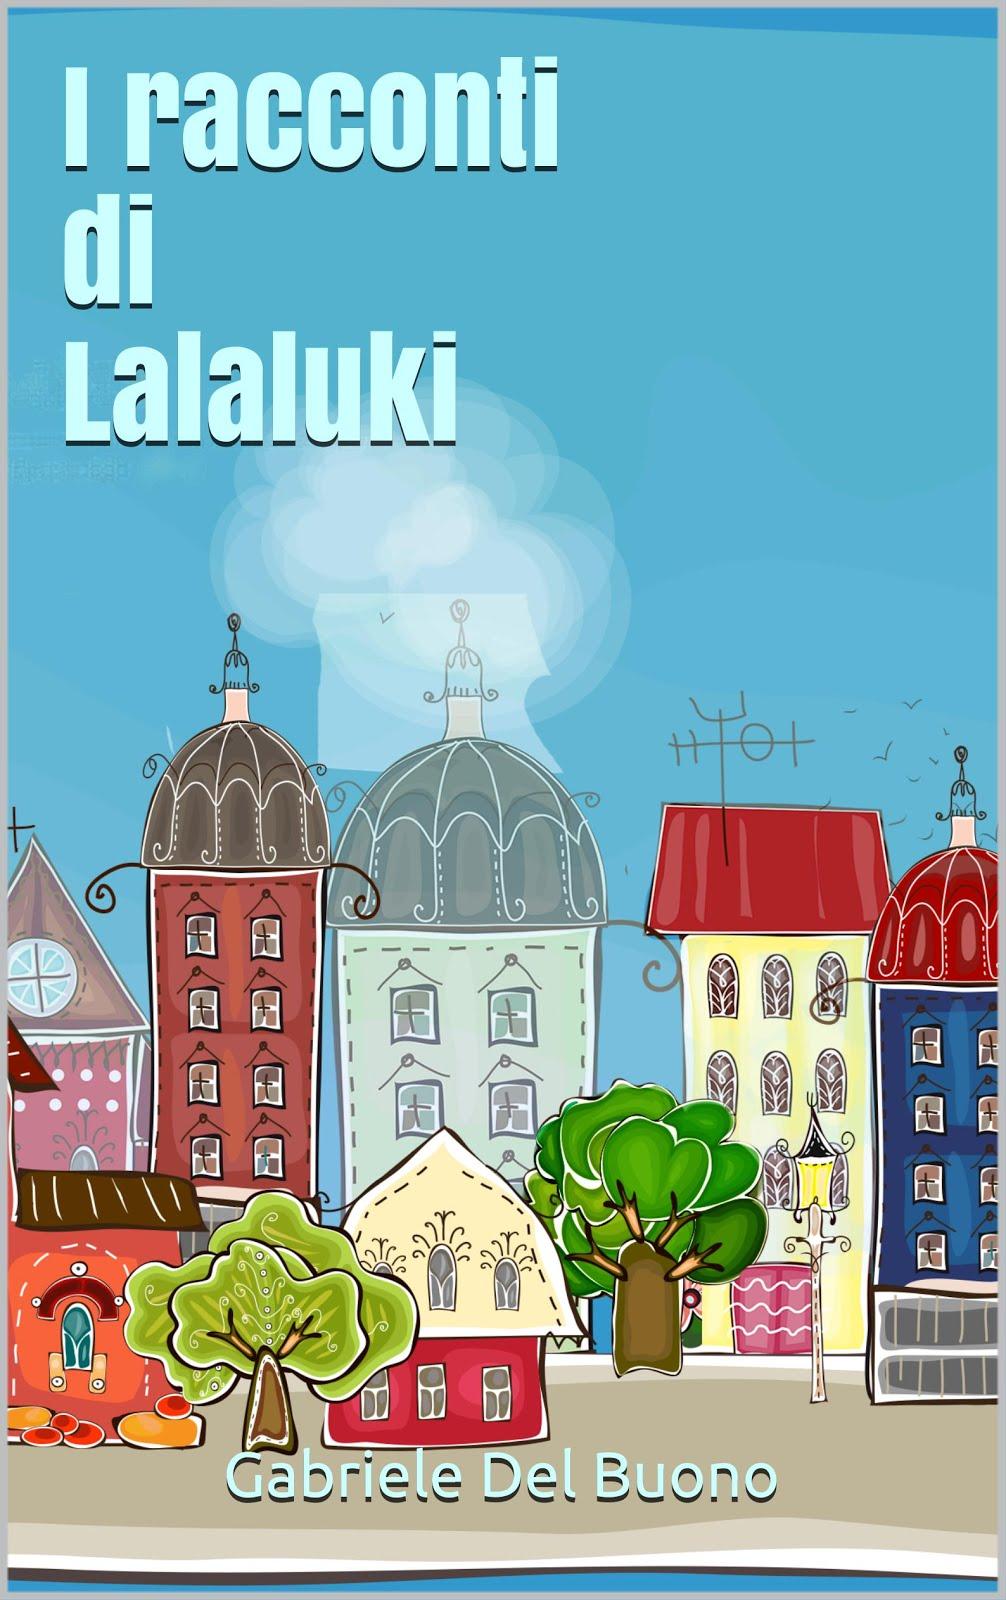 I racconti di Lalaluki